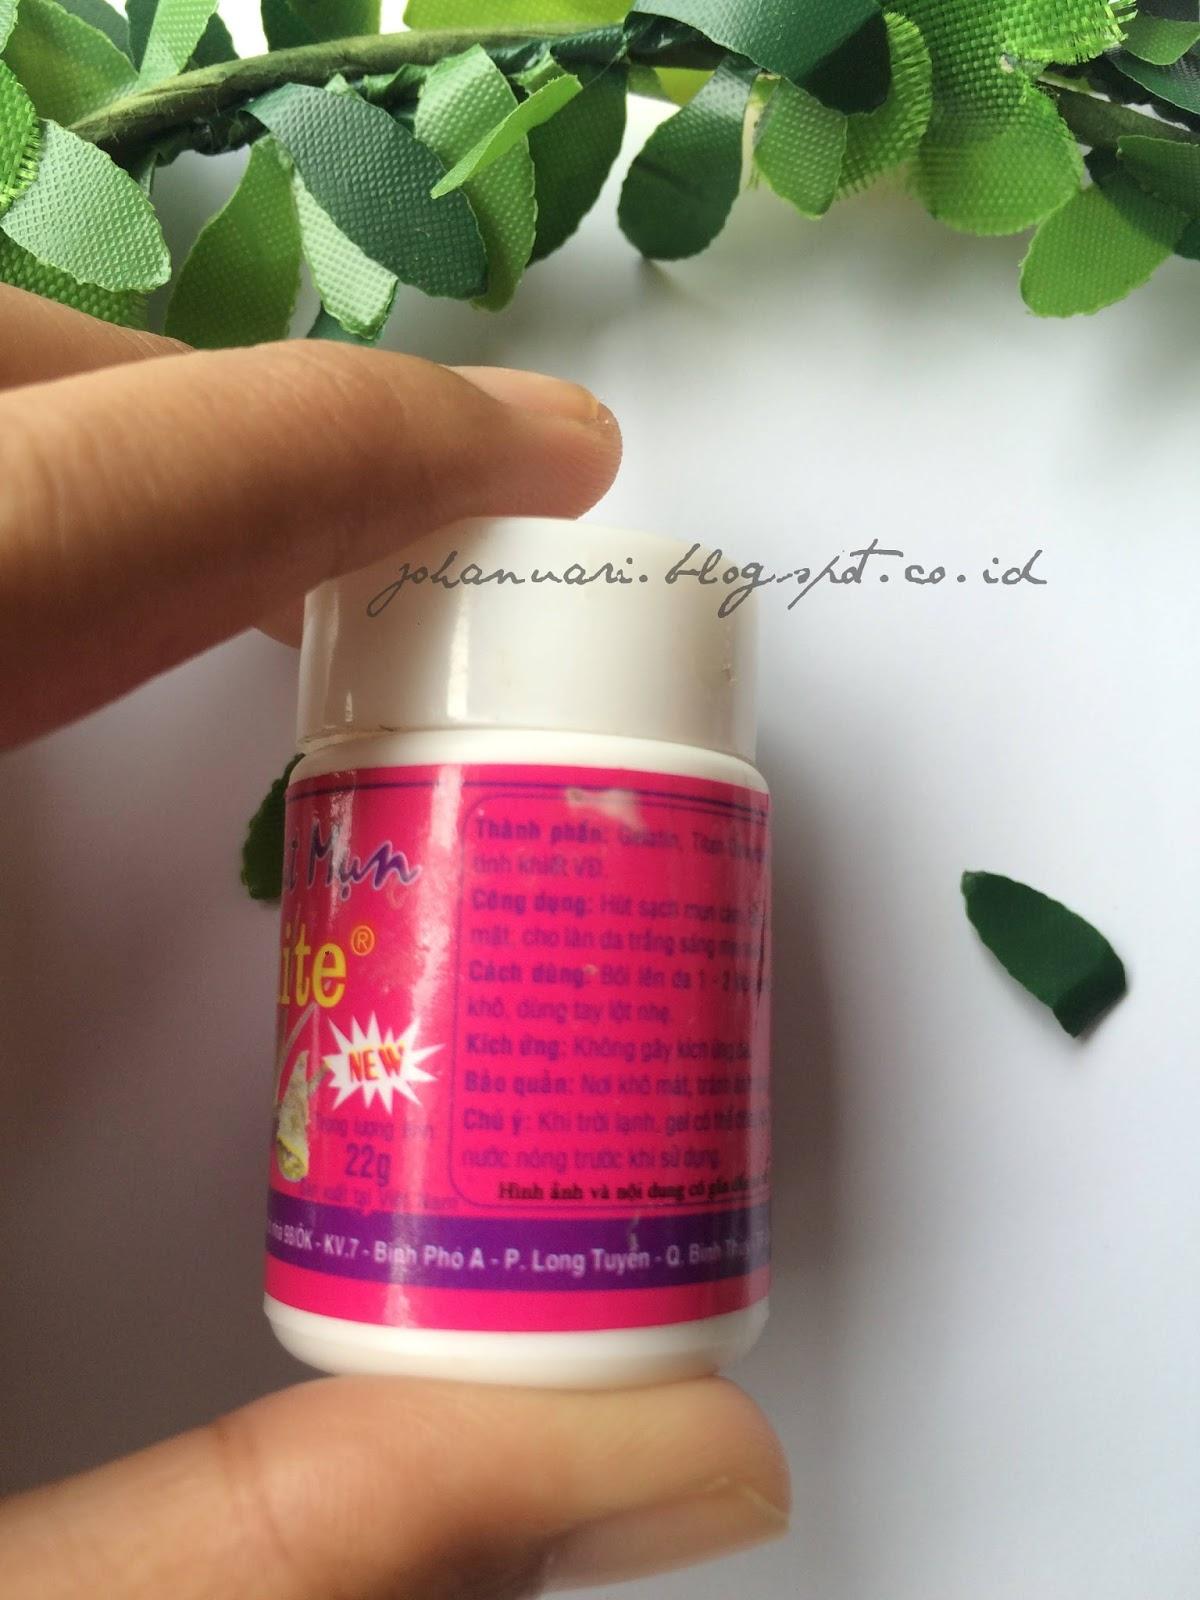 Review Hut Mun Gel Pengangkat Komedo Bonjour Gens Pencabut Mat Na White Original Thailand Kecil Dari Plastik Biasa Labelnya Pink Pudar Dan Informasinya Berbahasa Semua Packagingnya Nggak Banget Seperti Produk Abal